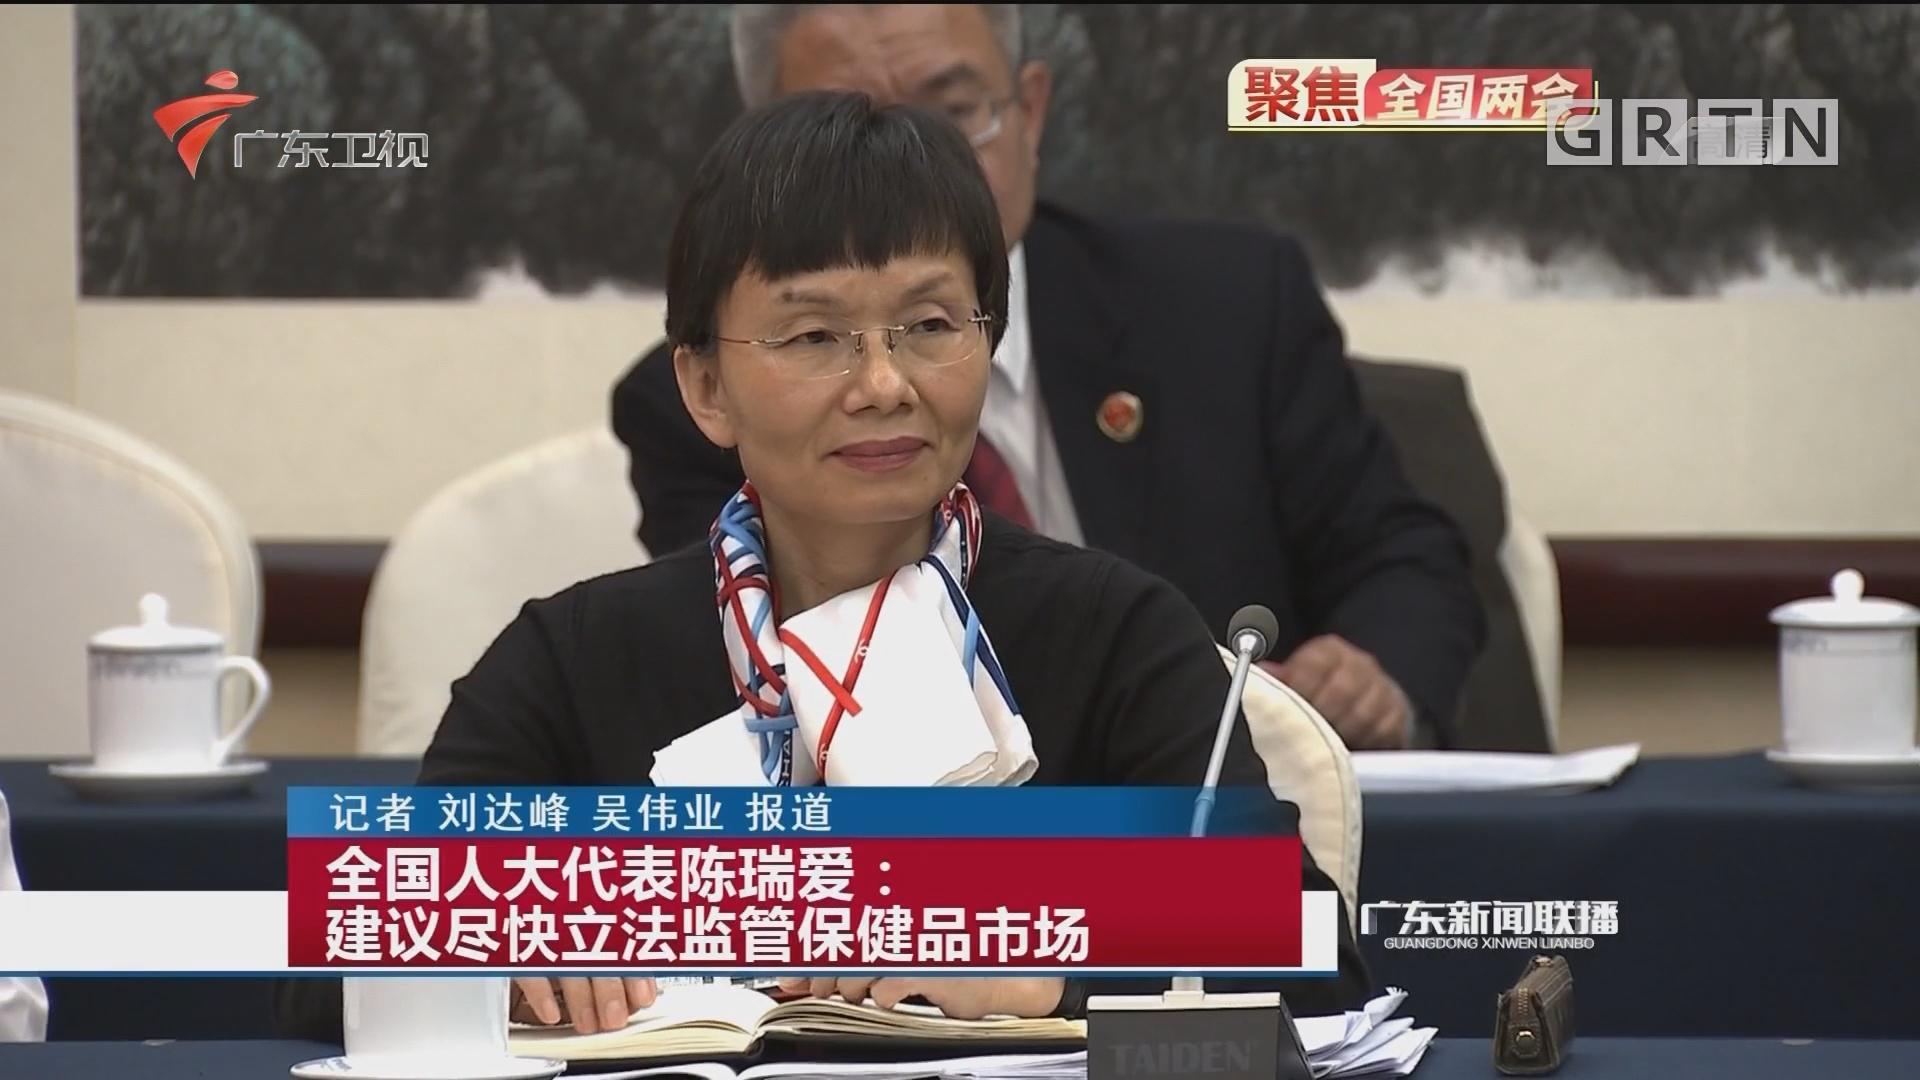 全国人大代表陈瑞爱:建议尽快立法监管保健品市场